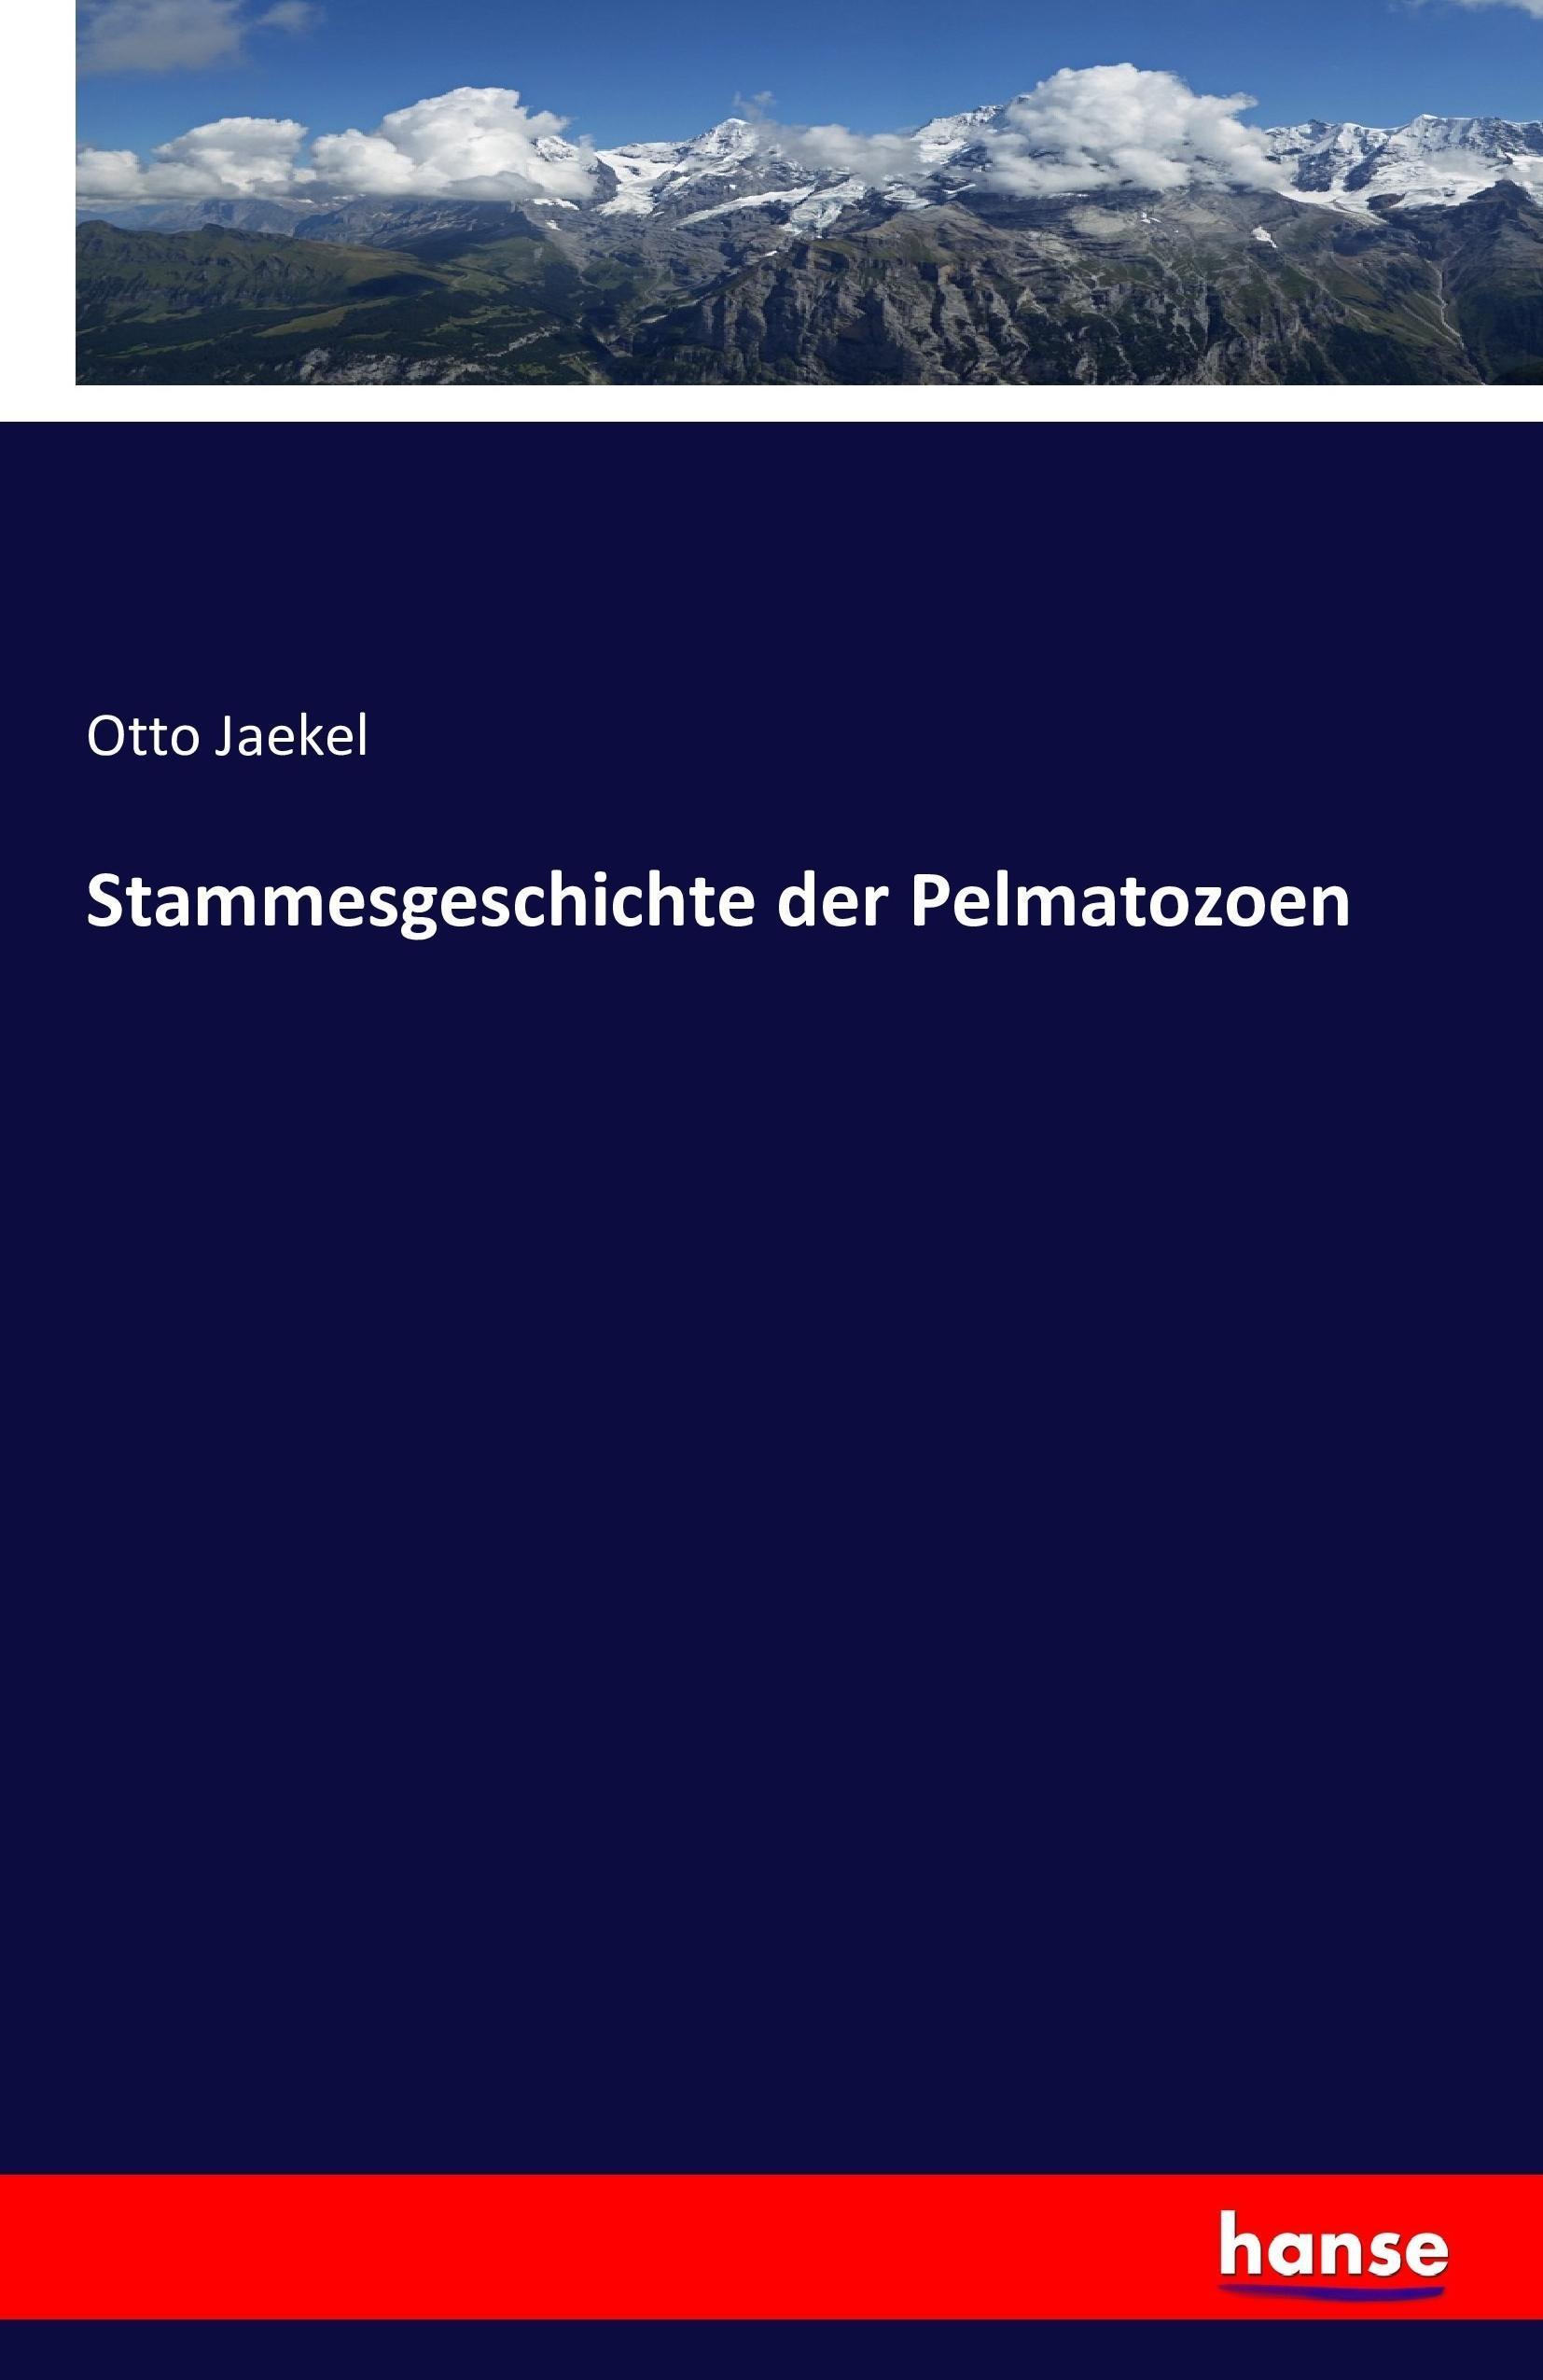 Stammesgeschichte der Pelmatozoen Otto Jaekel